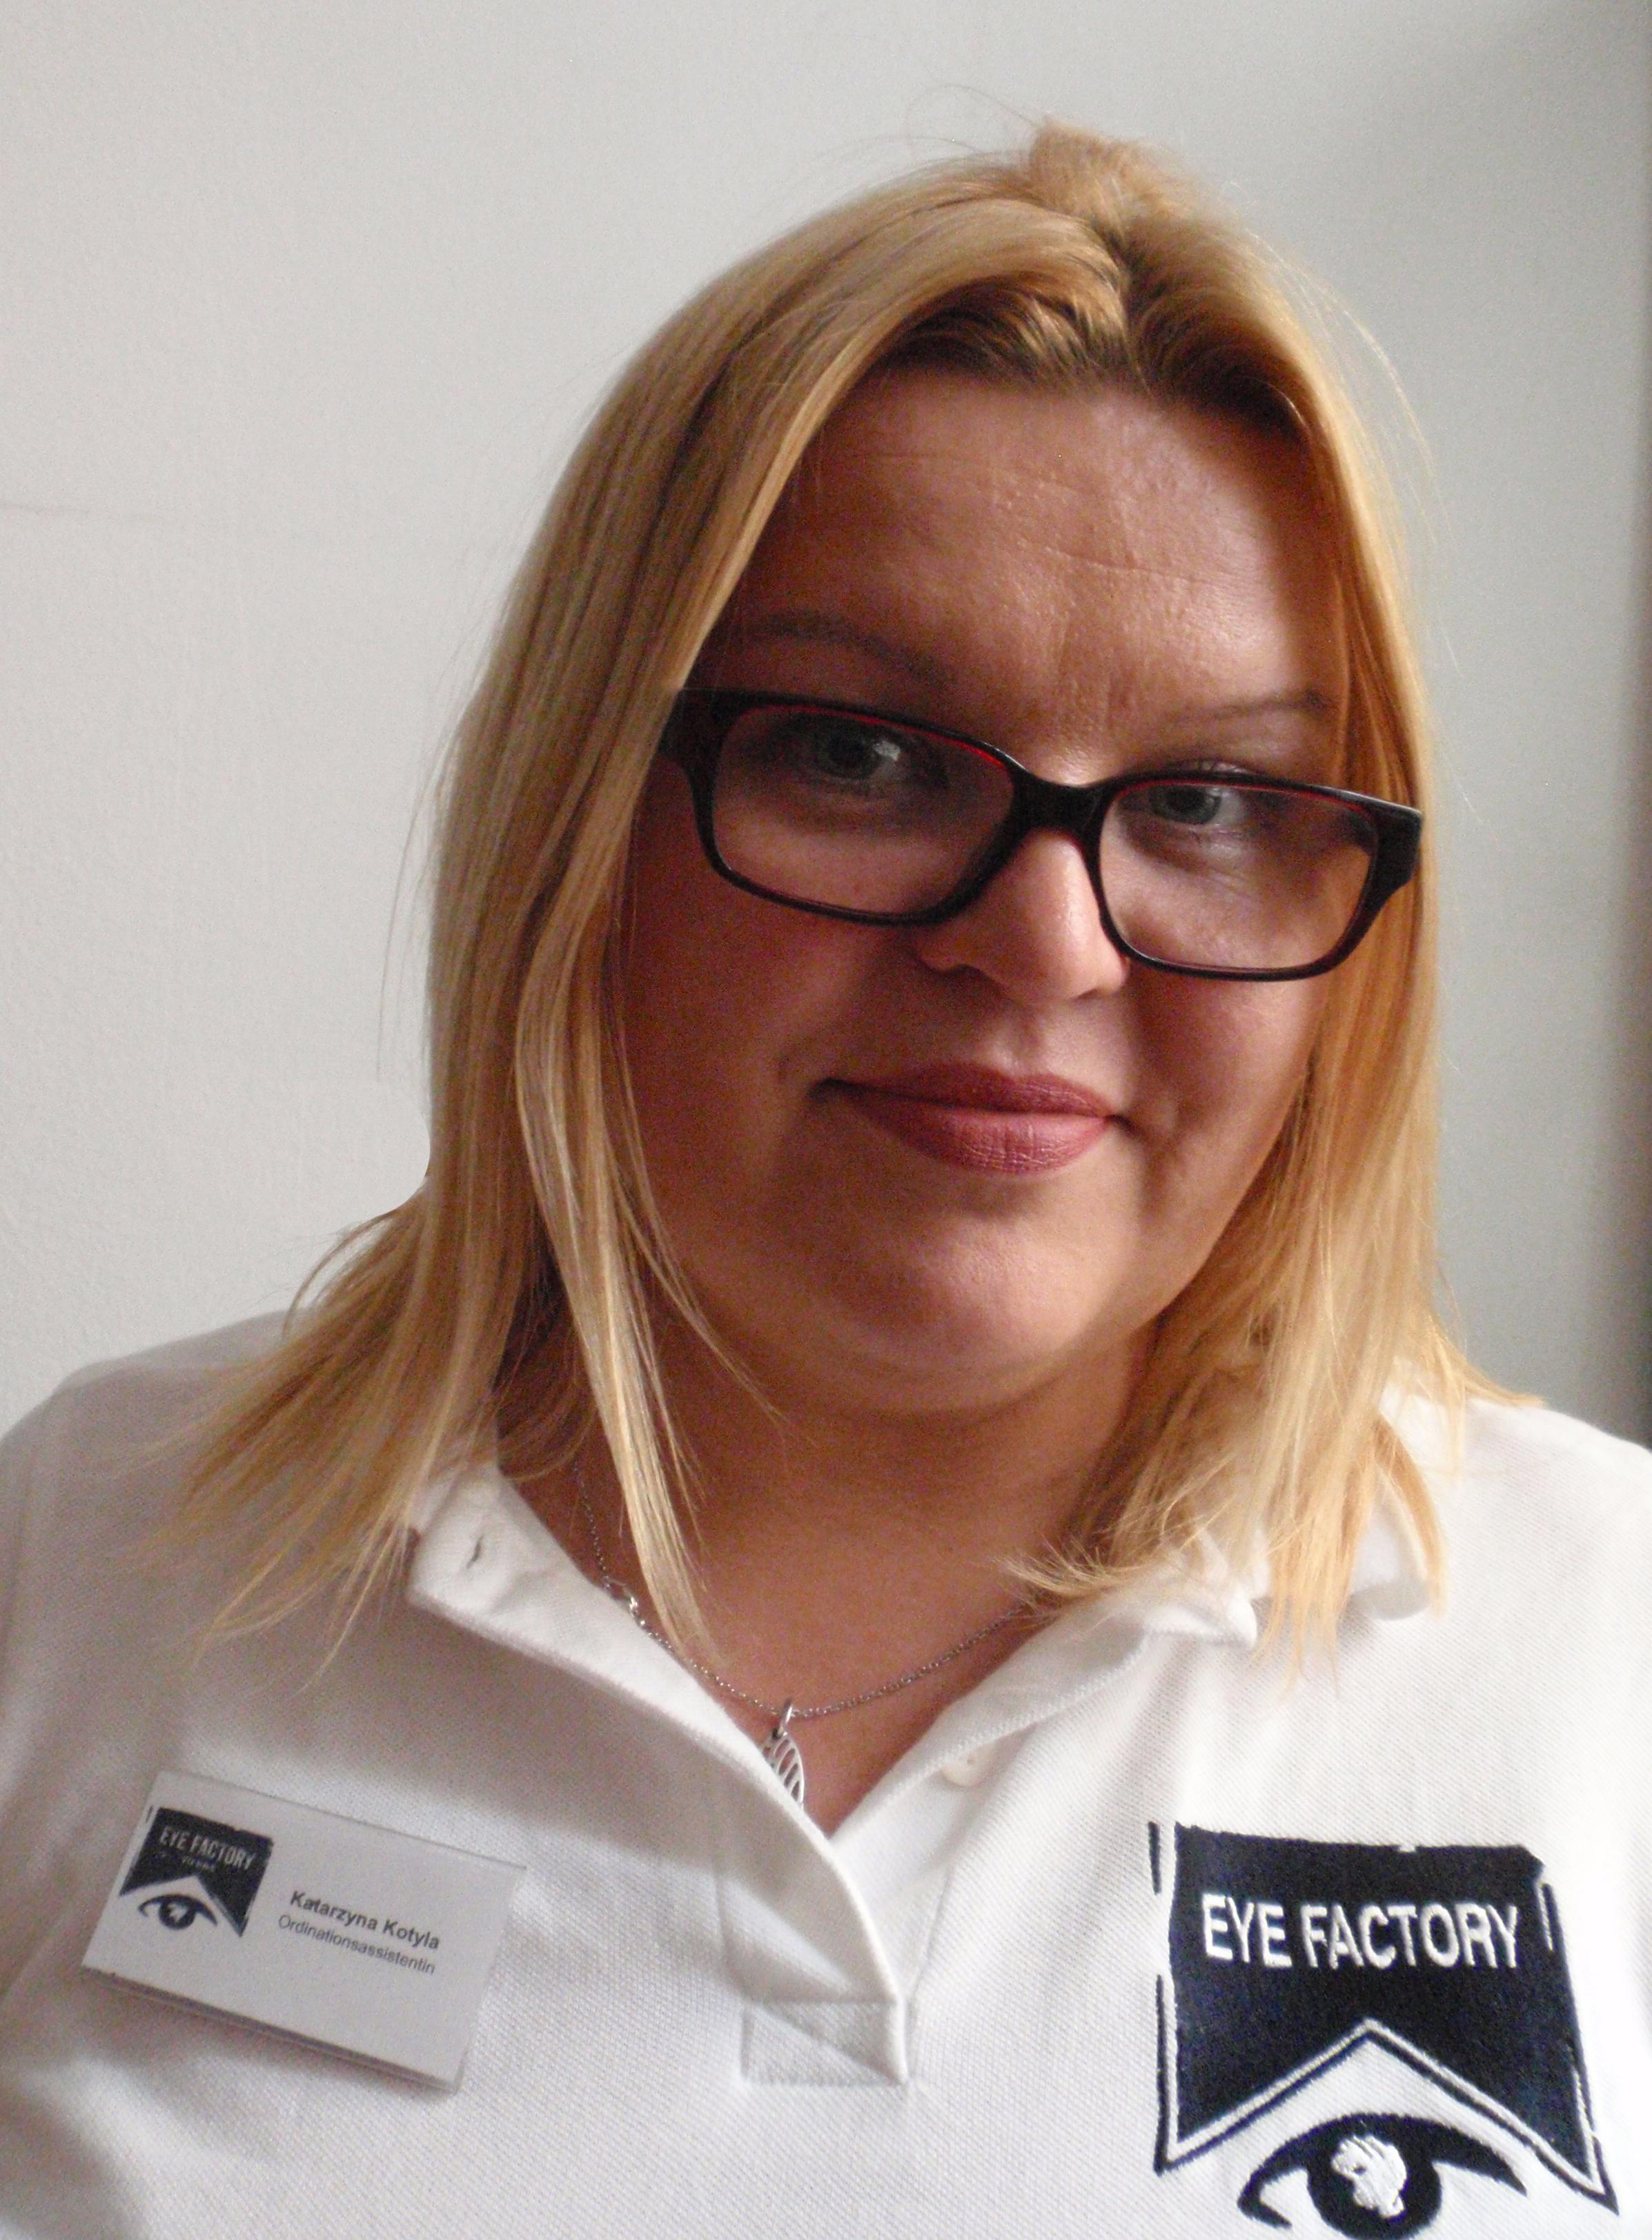 Katarzyna Kotyla